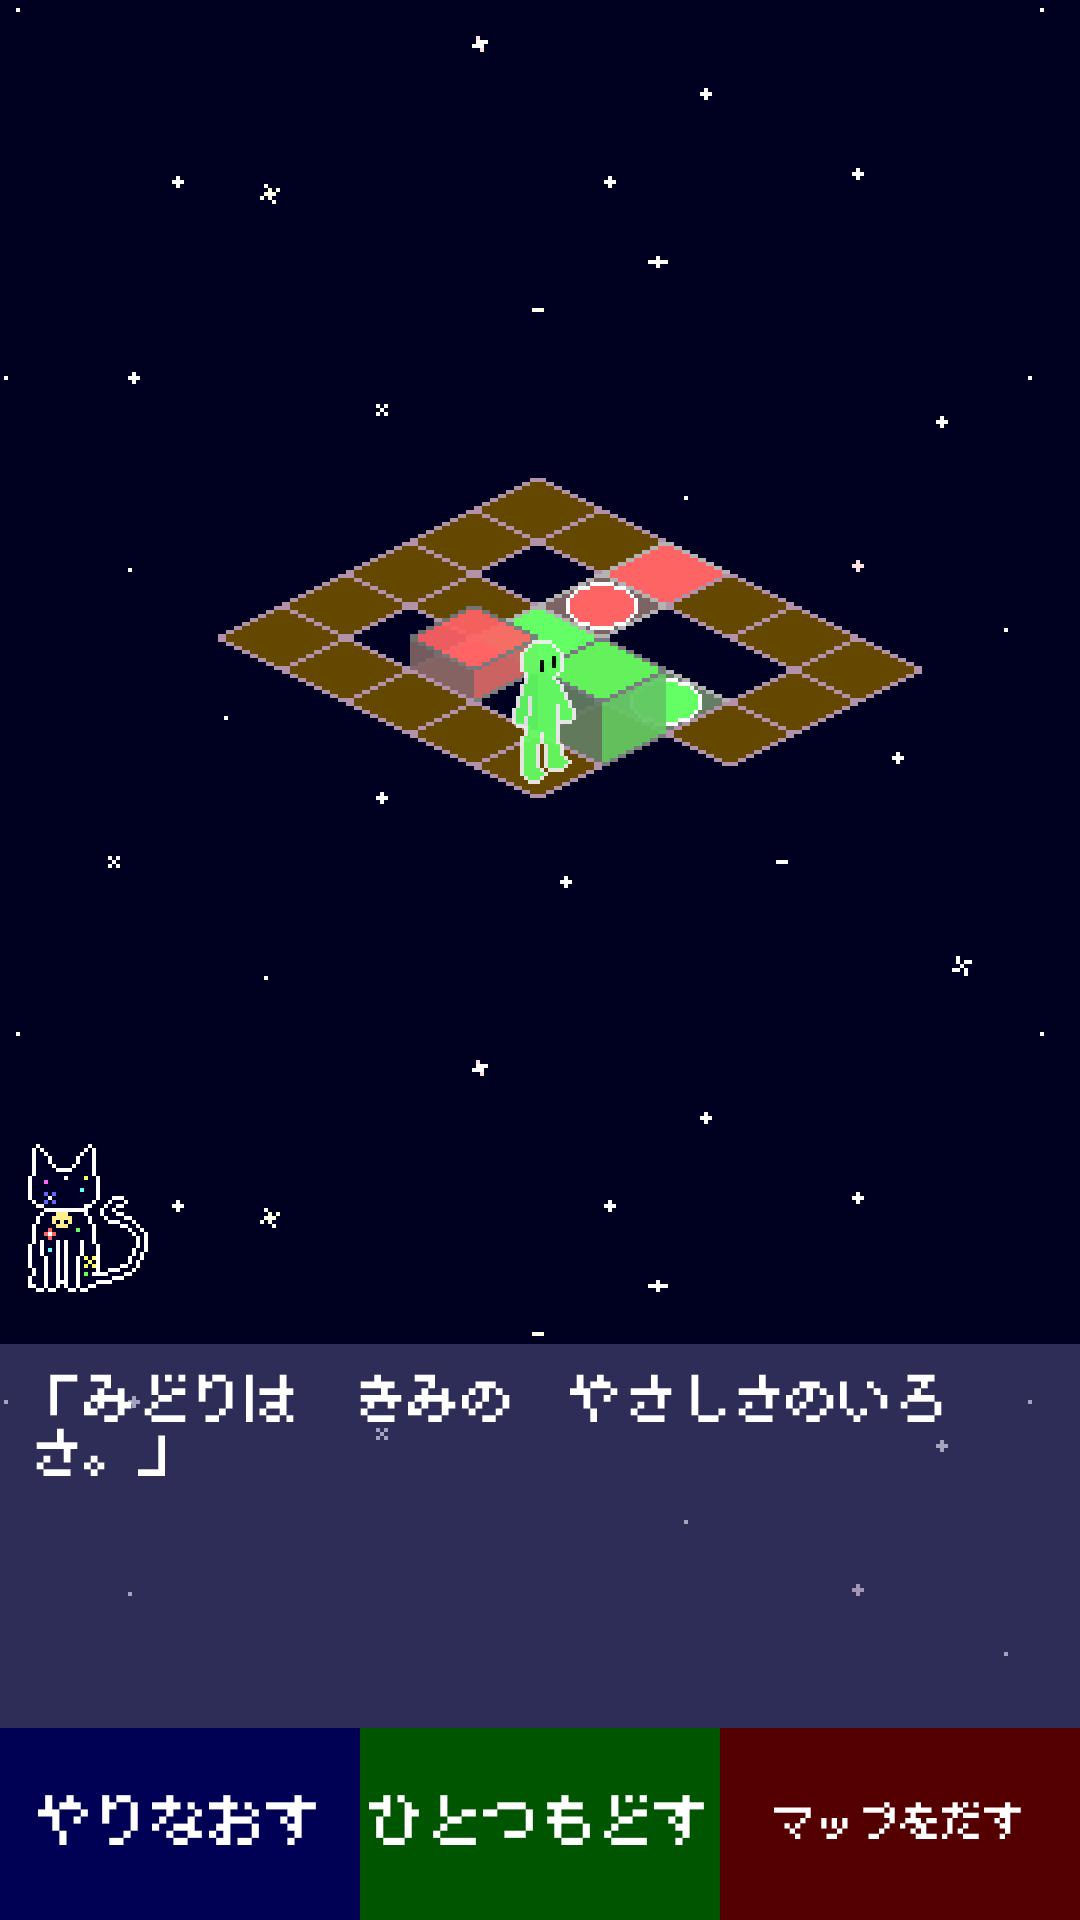 色を操る倉庫番パズル - Color Finder androidアプリスクリーンショット1